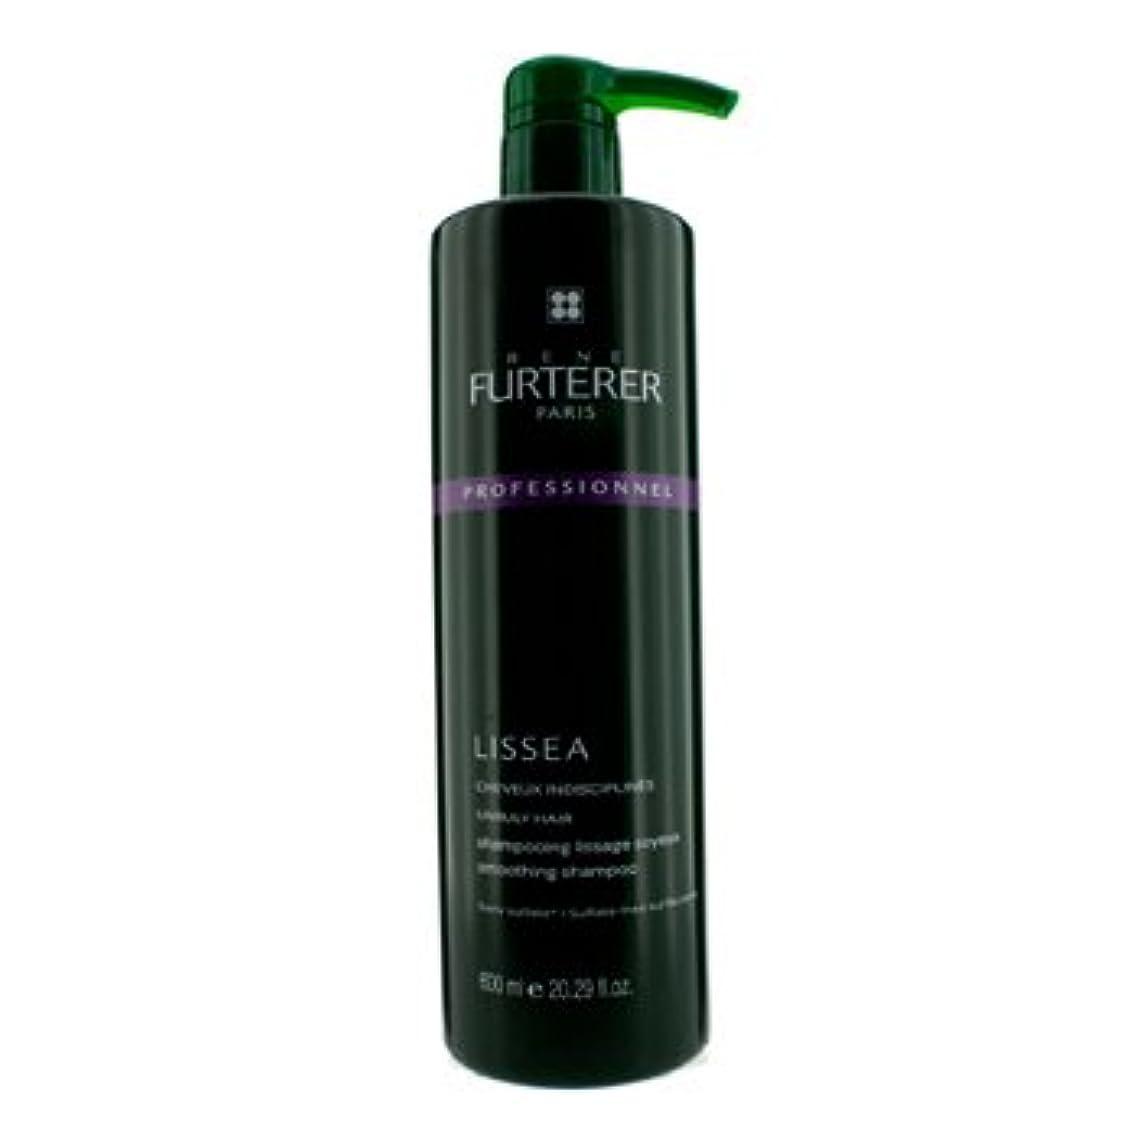 旧正月バウンスプレゼンター[Rene Furterer] Lissea Smoothing Shampoo - For Unruly Hair (Salon Product) 600ml/20.29oz